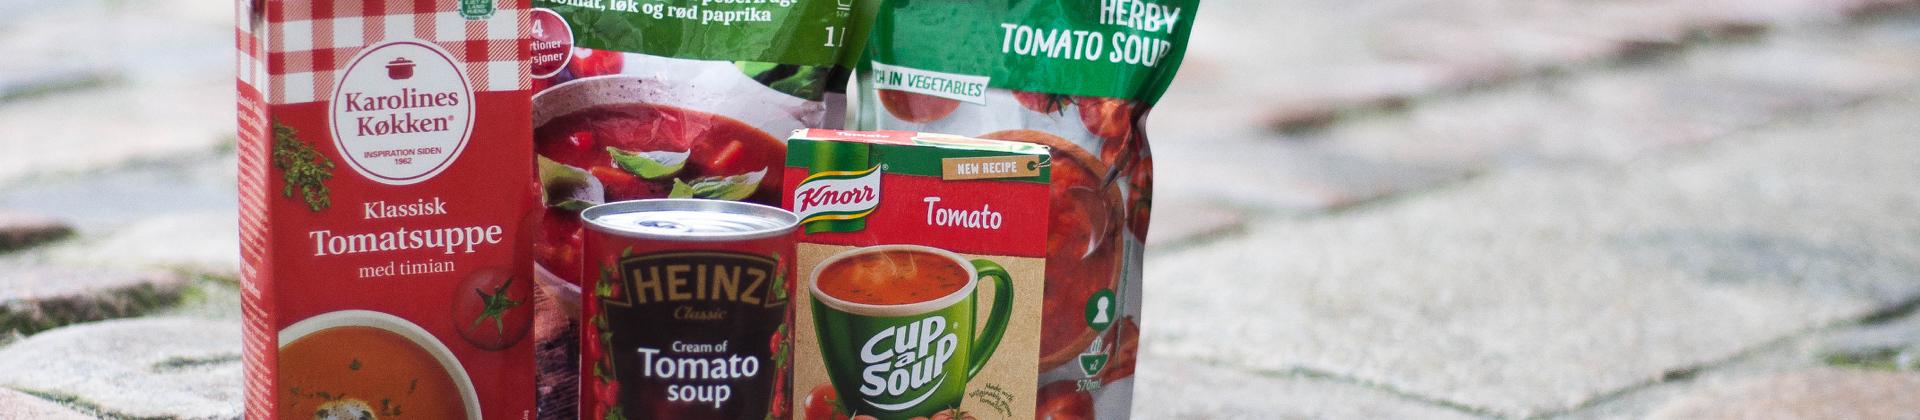 Karolines køkken suppe